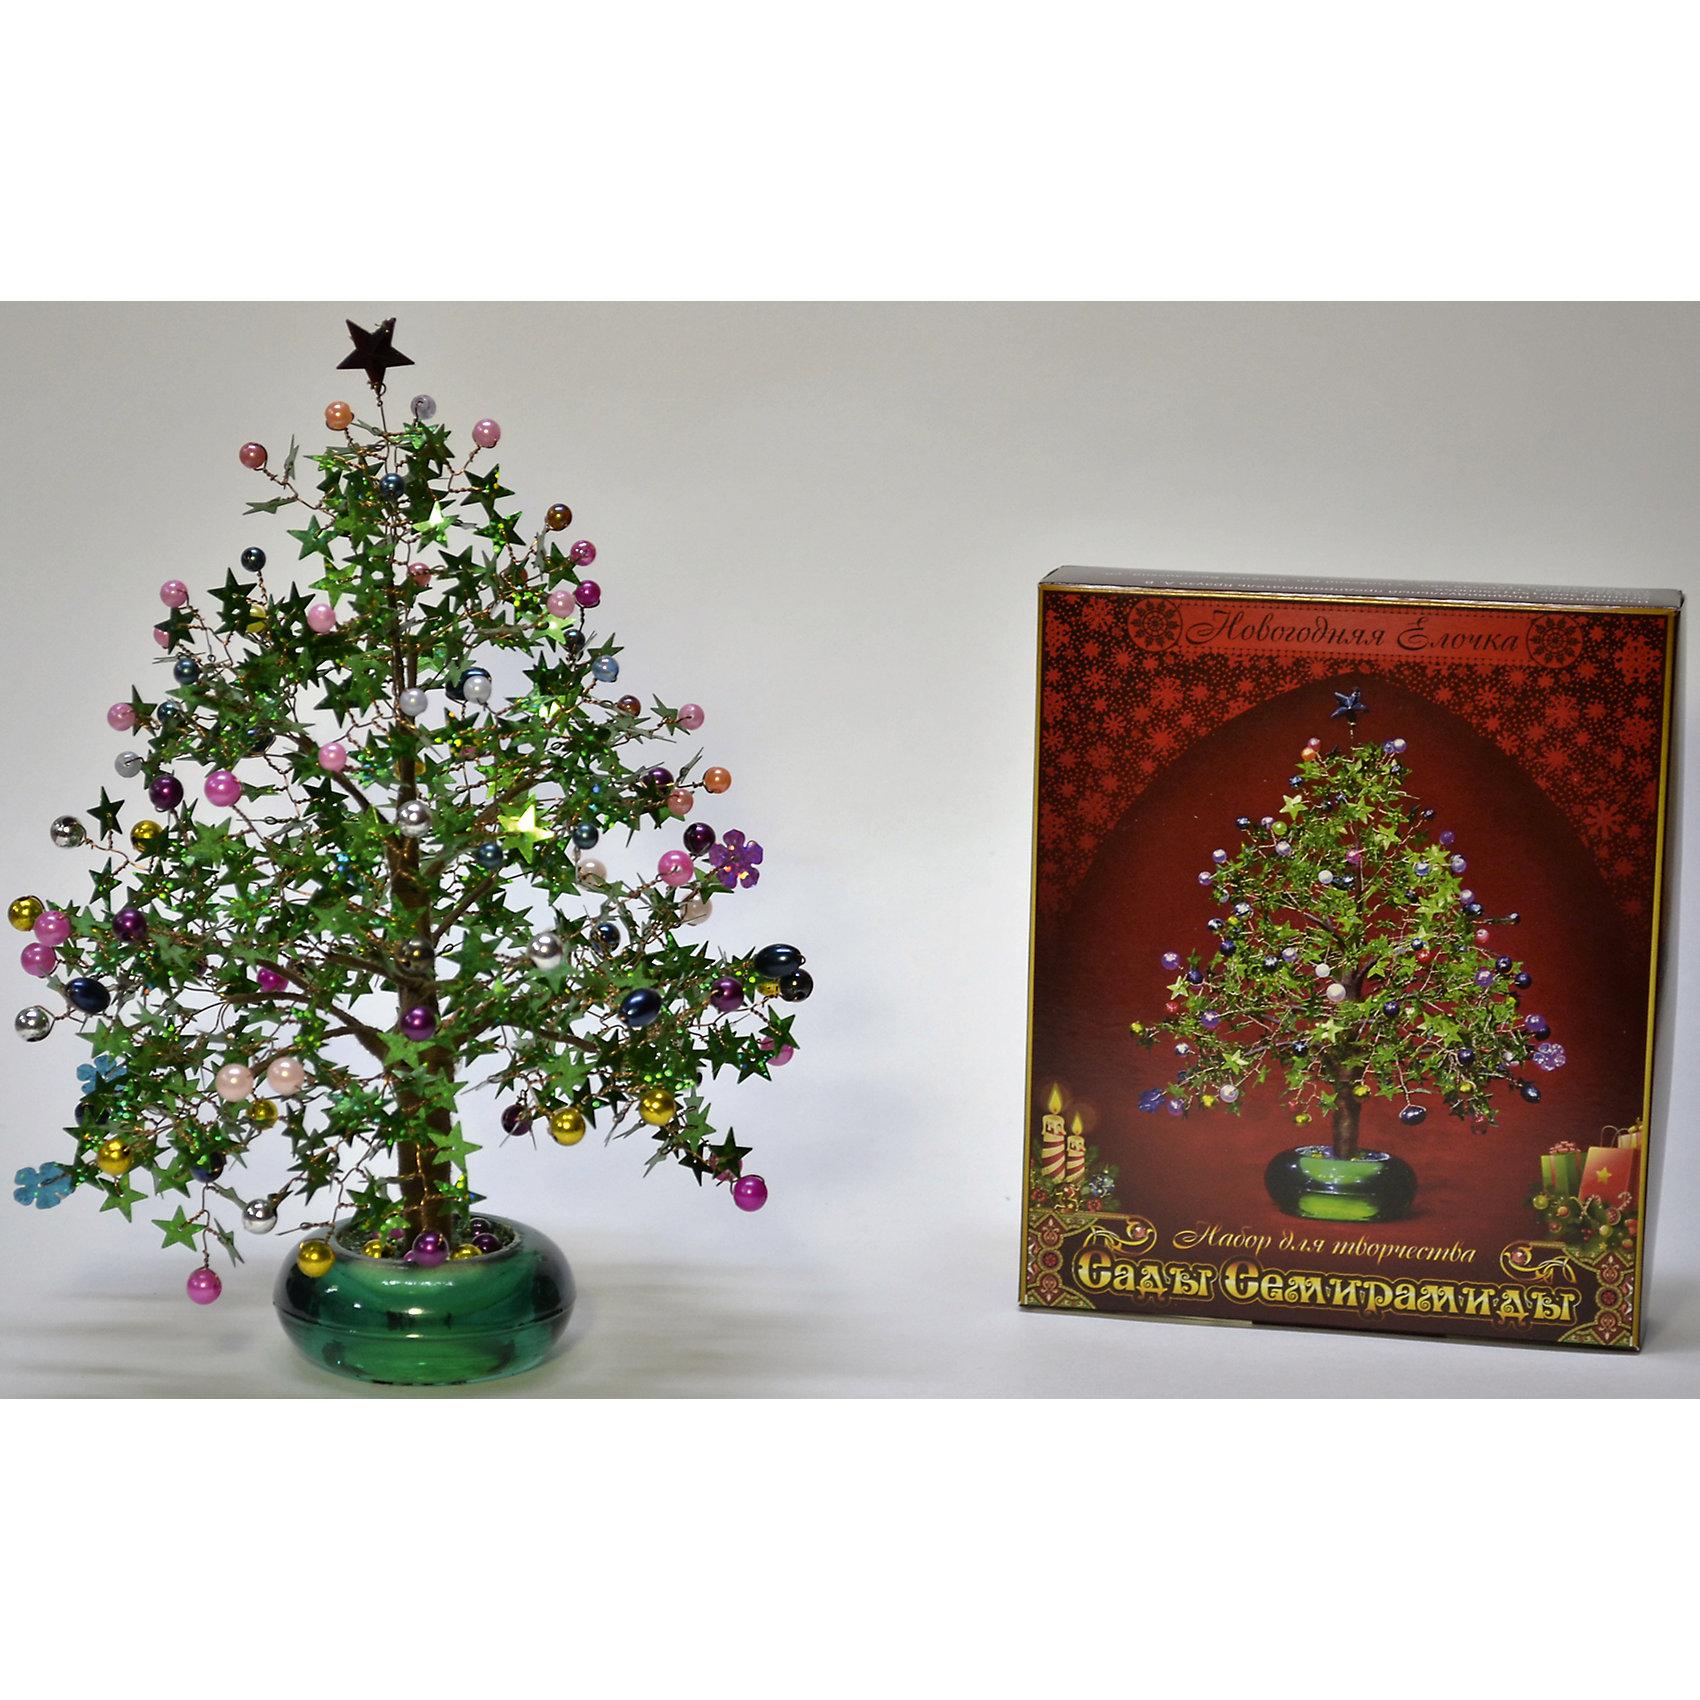 Набор для творчества Сады Семирамиды Новогодняя елочкаДеревья из пайеток<br>Серия «Сады Семирамиды» представляют собой комплект необходимых<br>материалов, используя которые можно создать своё «Волшебное дерево» из каждого набора. Наборы предназначены для семейного творчества.<br><br>Ширина мм: 14<br>Глубина мм: 3<br>Высота мм: 17<br>Вес г: 380<br>Возраст от месяцев: 84<br>Возраст до месяцев: 192<br>Пол: Унисекс<br>Возраст: Детский<br>SKU: 5068879